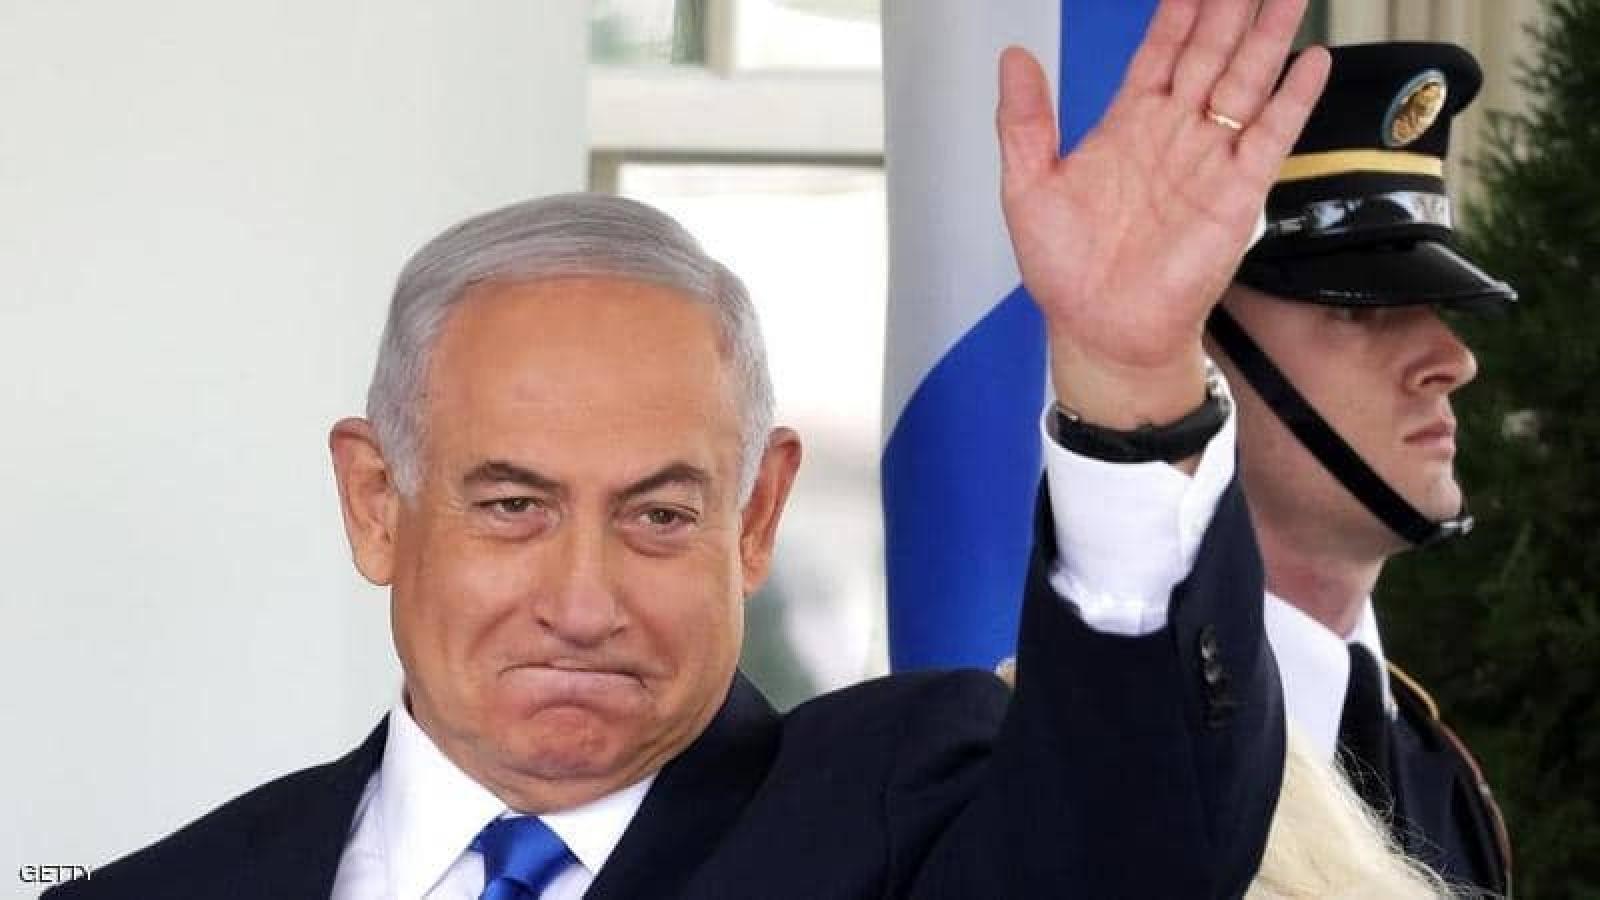 Thỏa thuận hòa bình giữa Israel và Sudan là khởi đầu của một kỷ nguyên mới